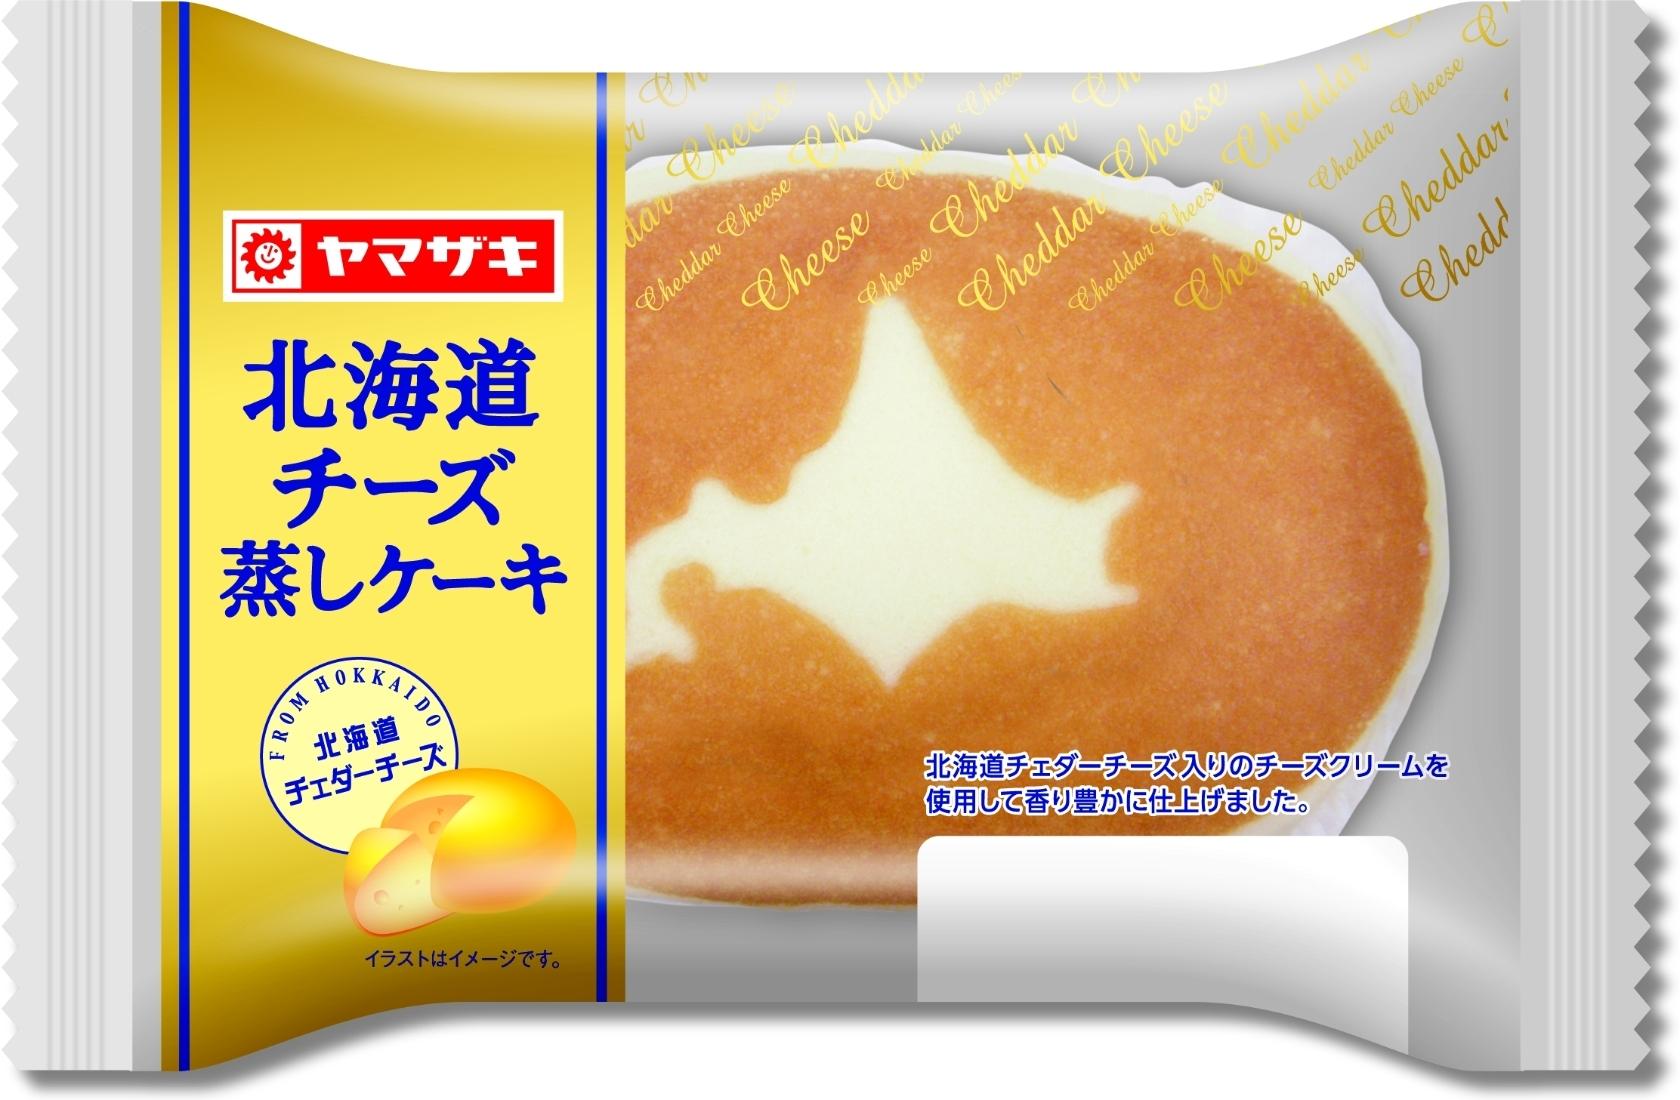 ヤマザキの北海道チーズ蒸しケーキが旨すぎるんやが